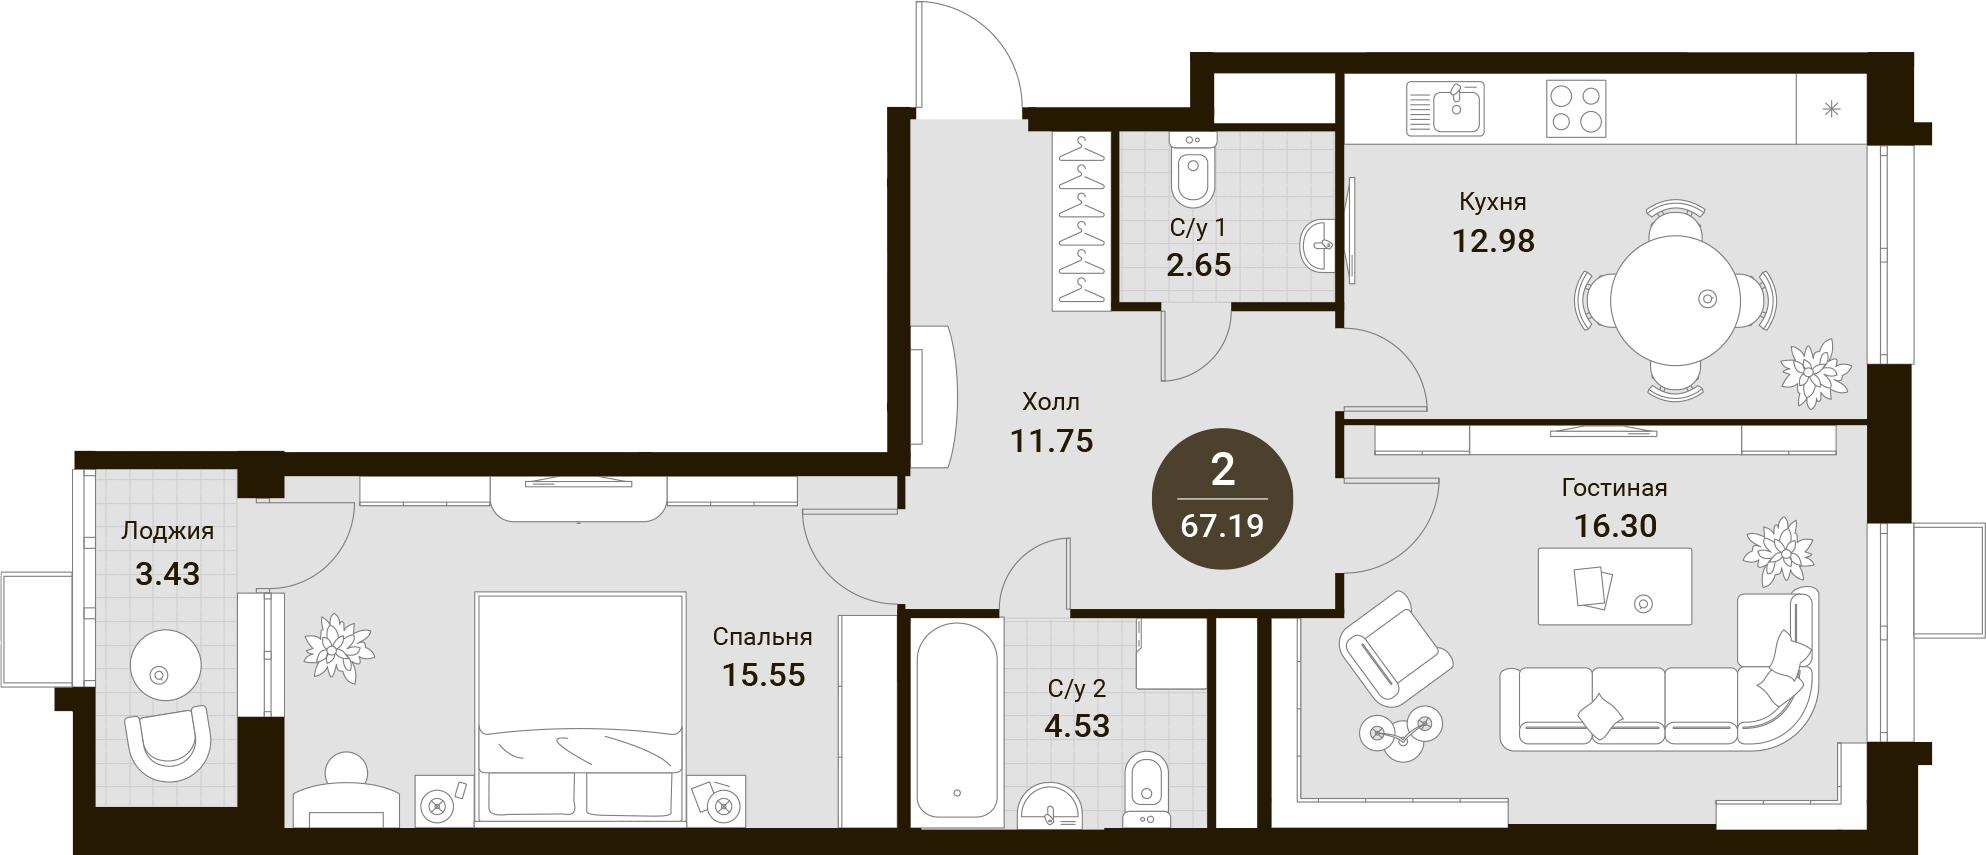 2-комнатная, 67.19 м²– 2